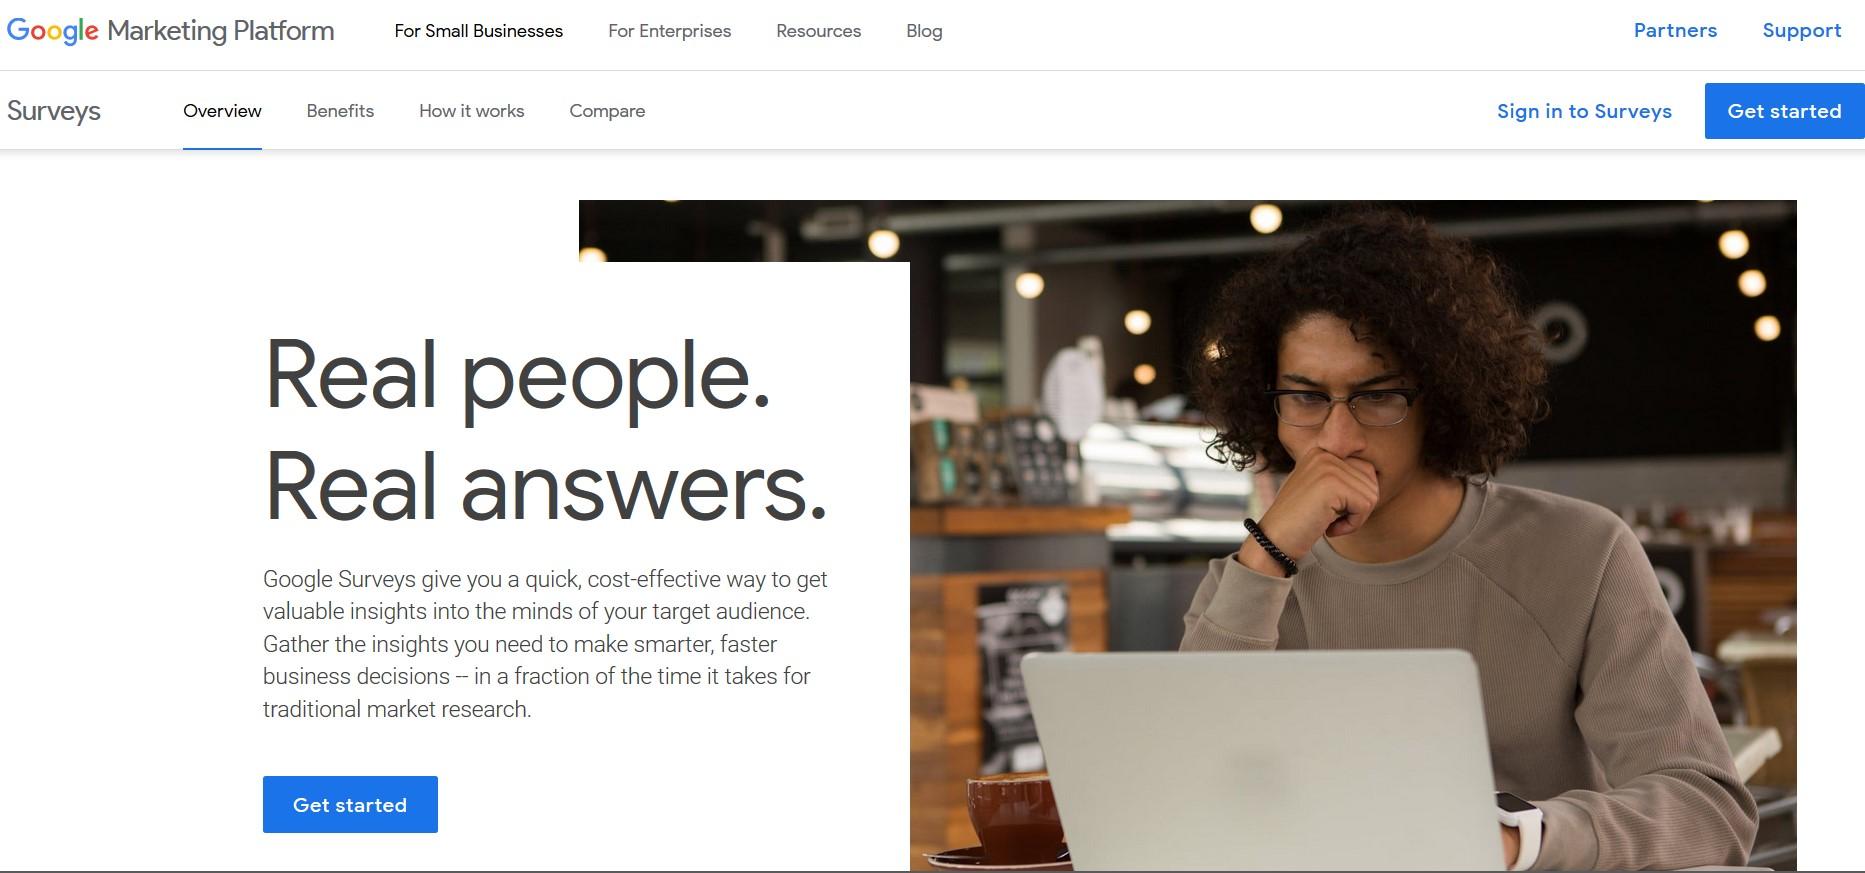 Google Scholar: Zugriff auf Rechtsfälle, akademische Arbeiten und Quellen